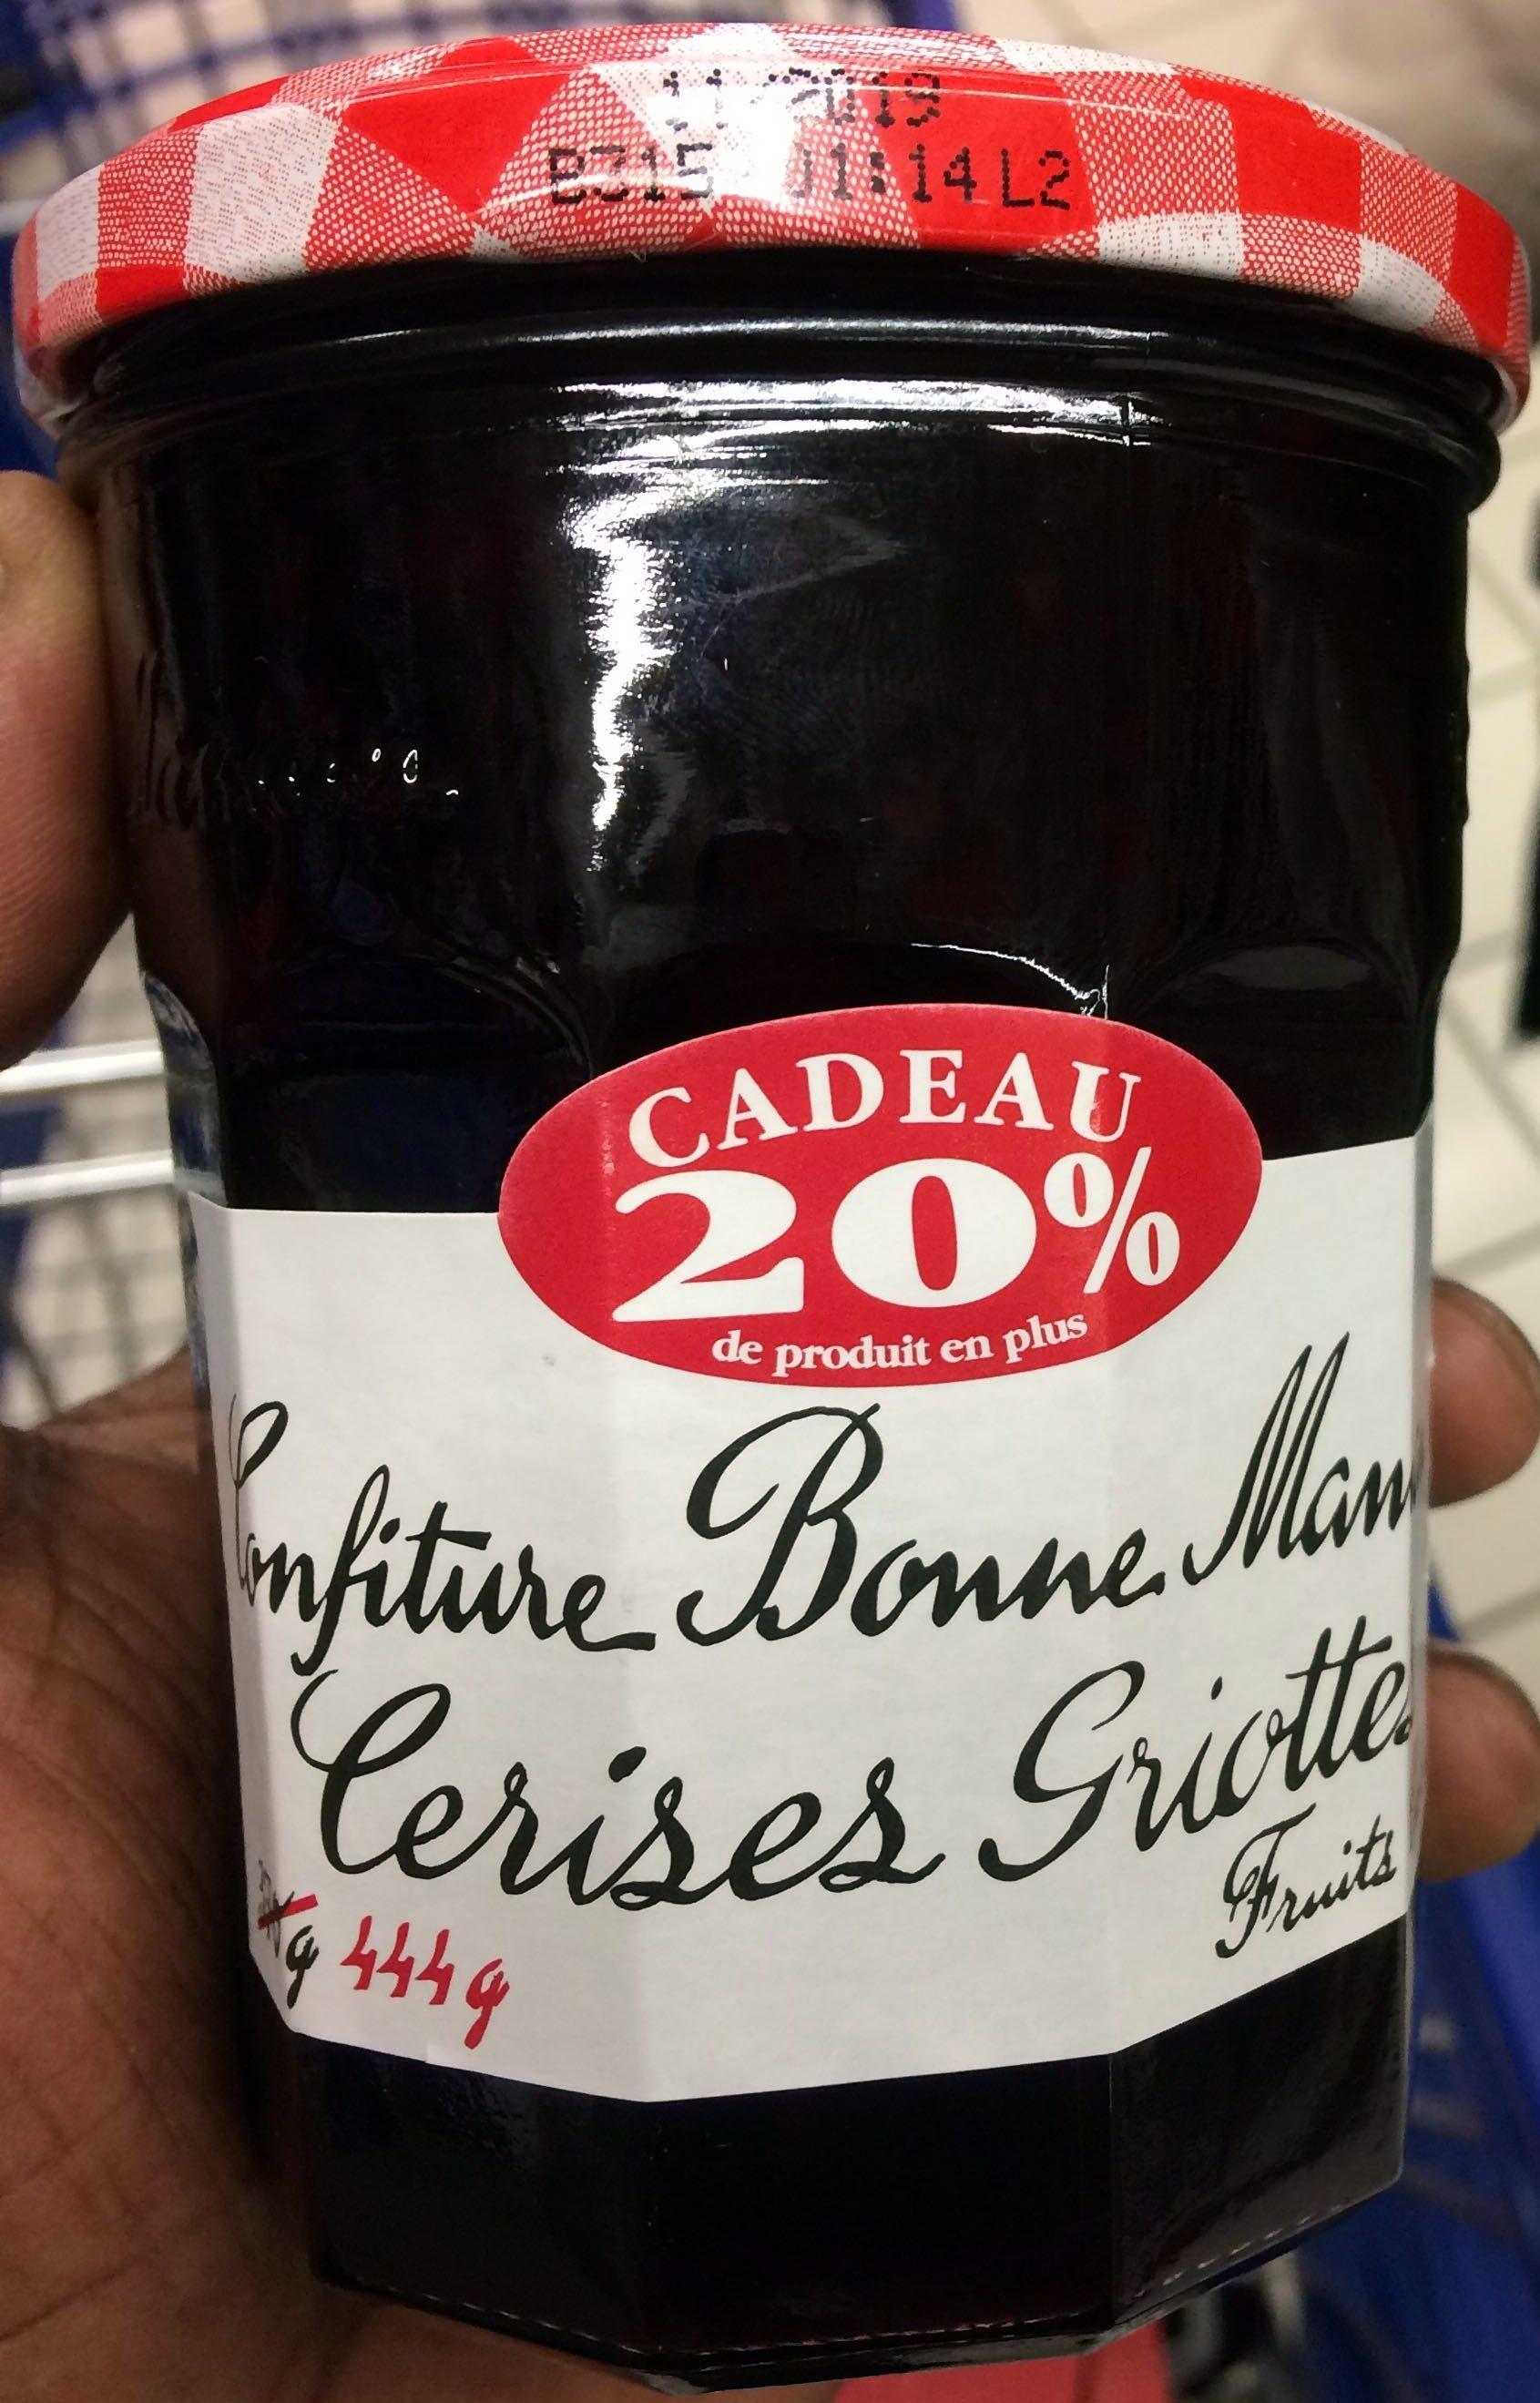 Confiture cerises griottes 370g+20%gr - Product